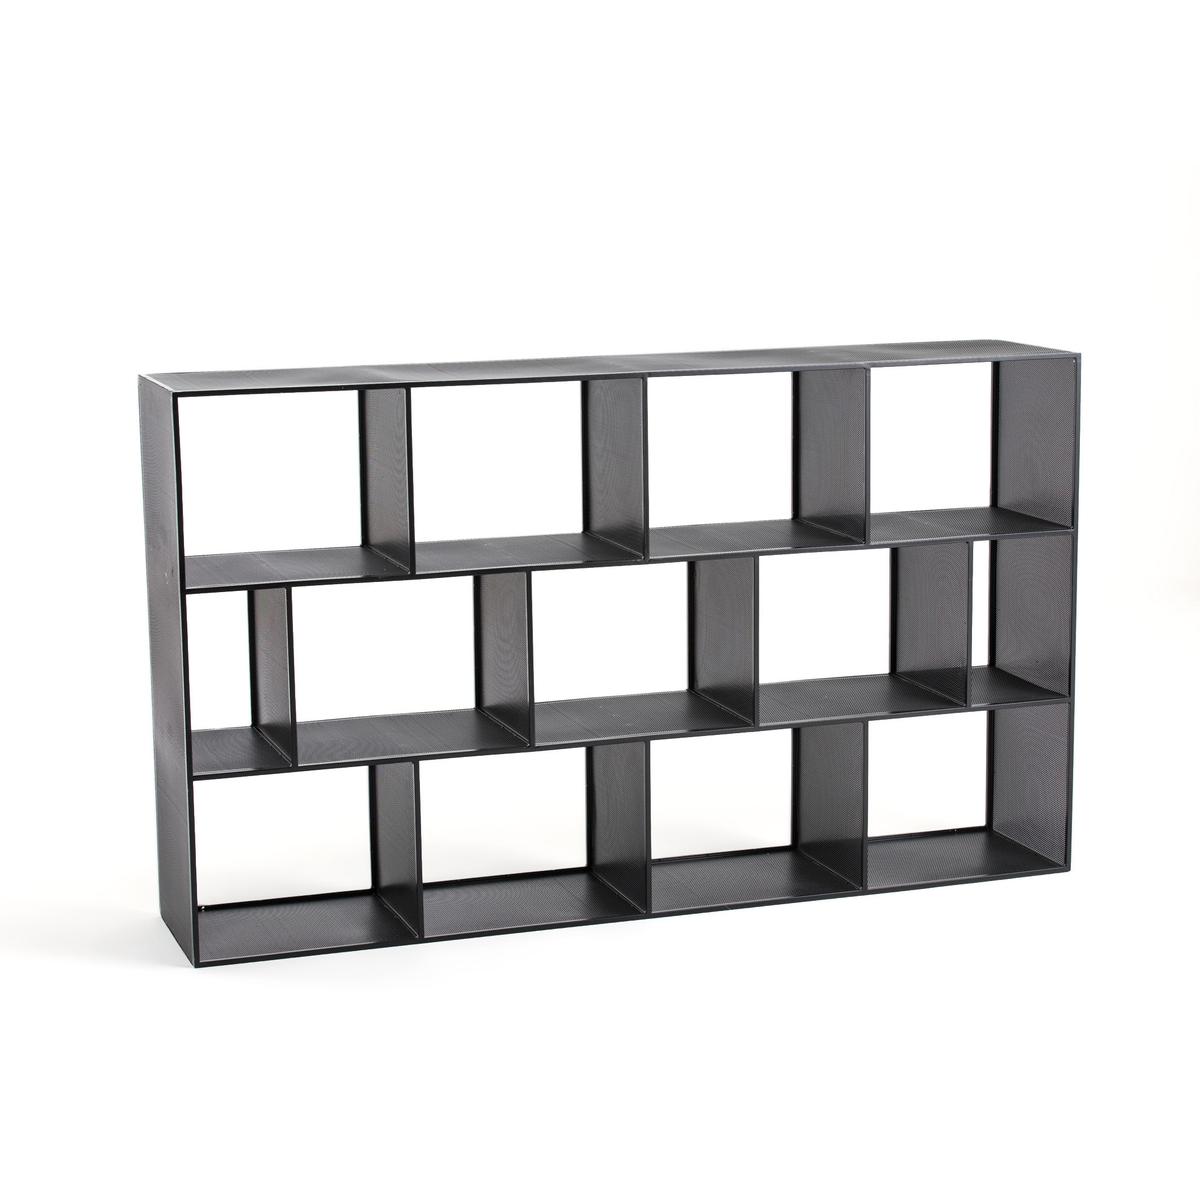 Стеллаж La Redoute Книжный металлический Varia единый размер черный